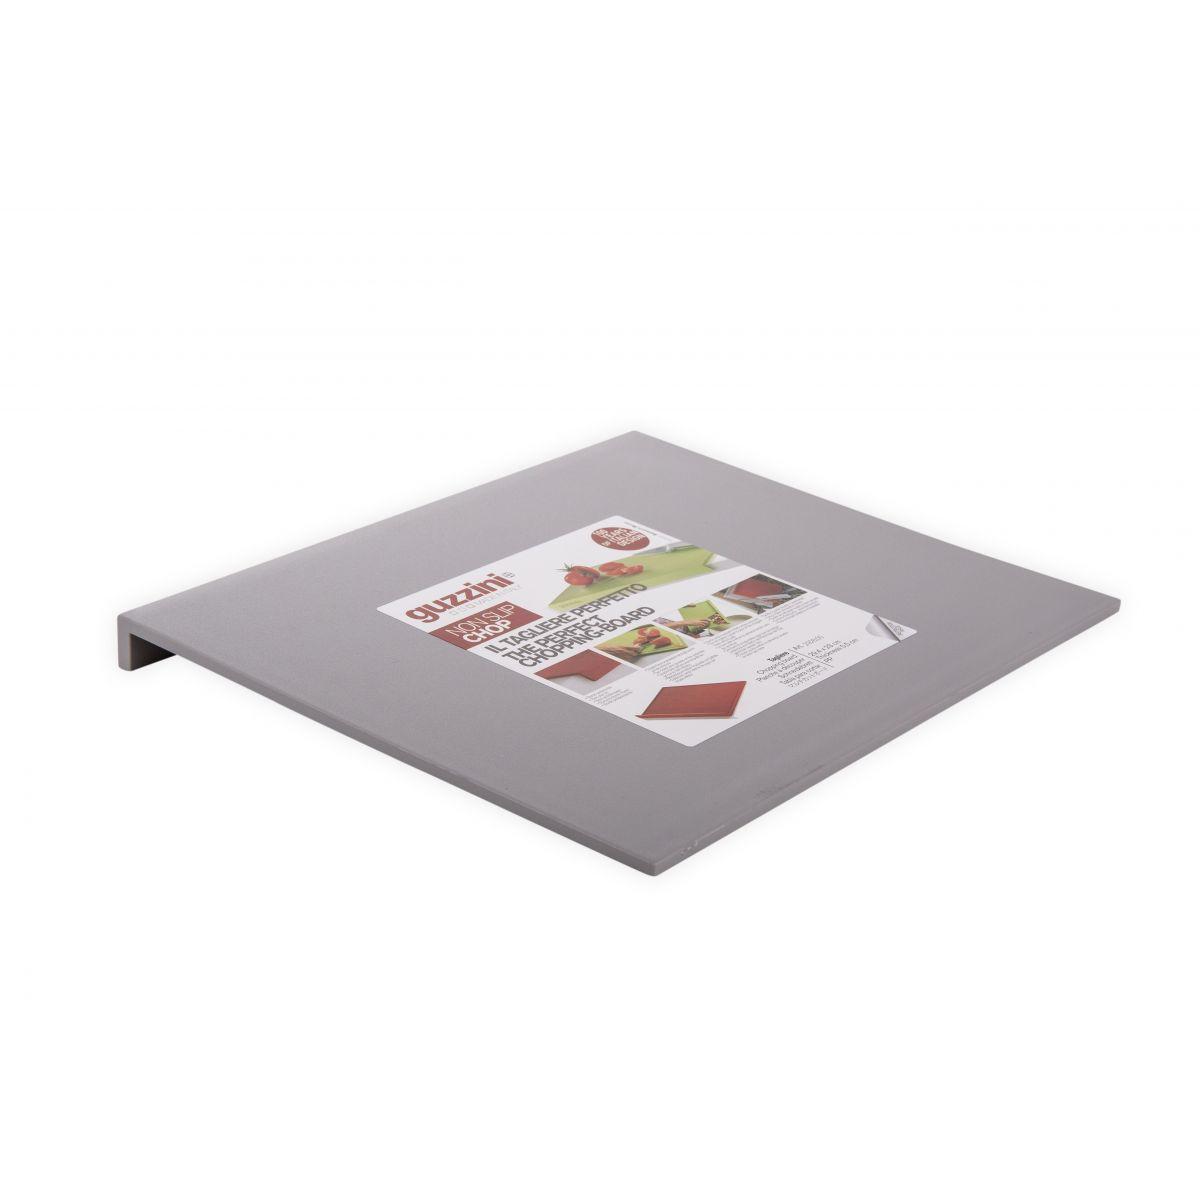 planche a decouper 2928511134 29285133 prix d griff. Black Bedroom Furniture Sets. Home Design Ideas